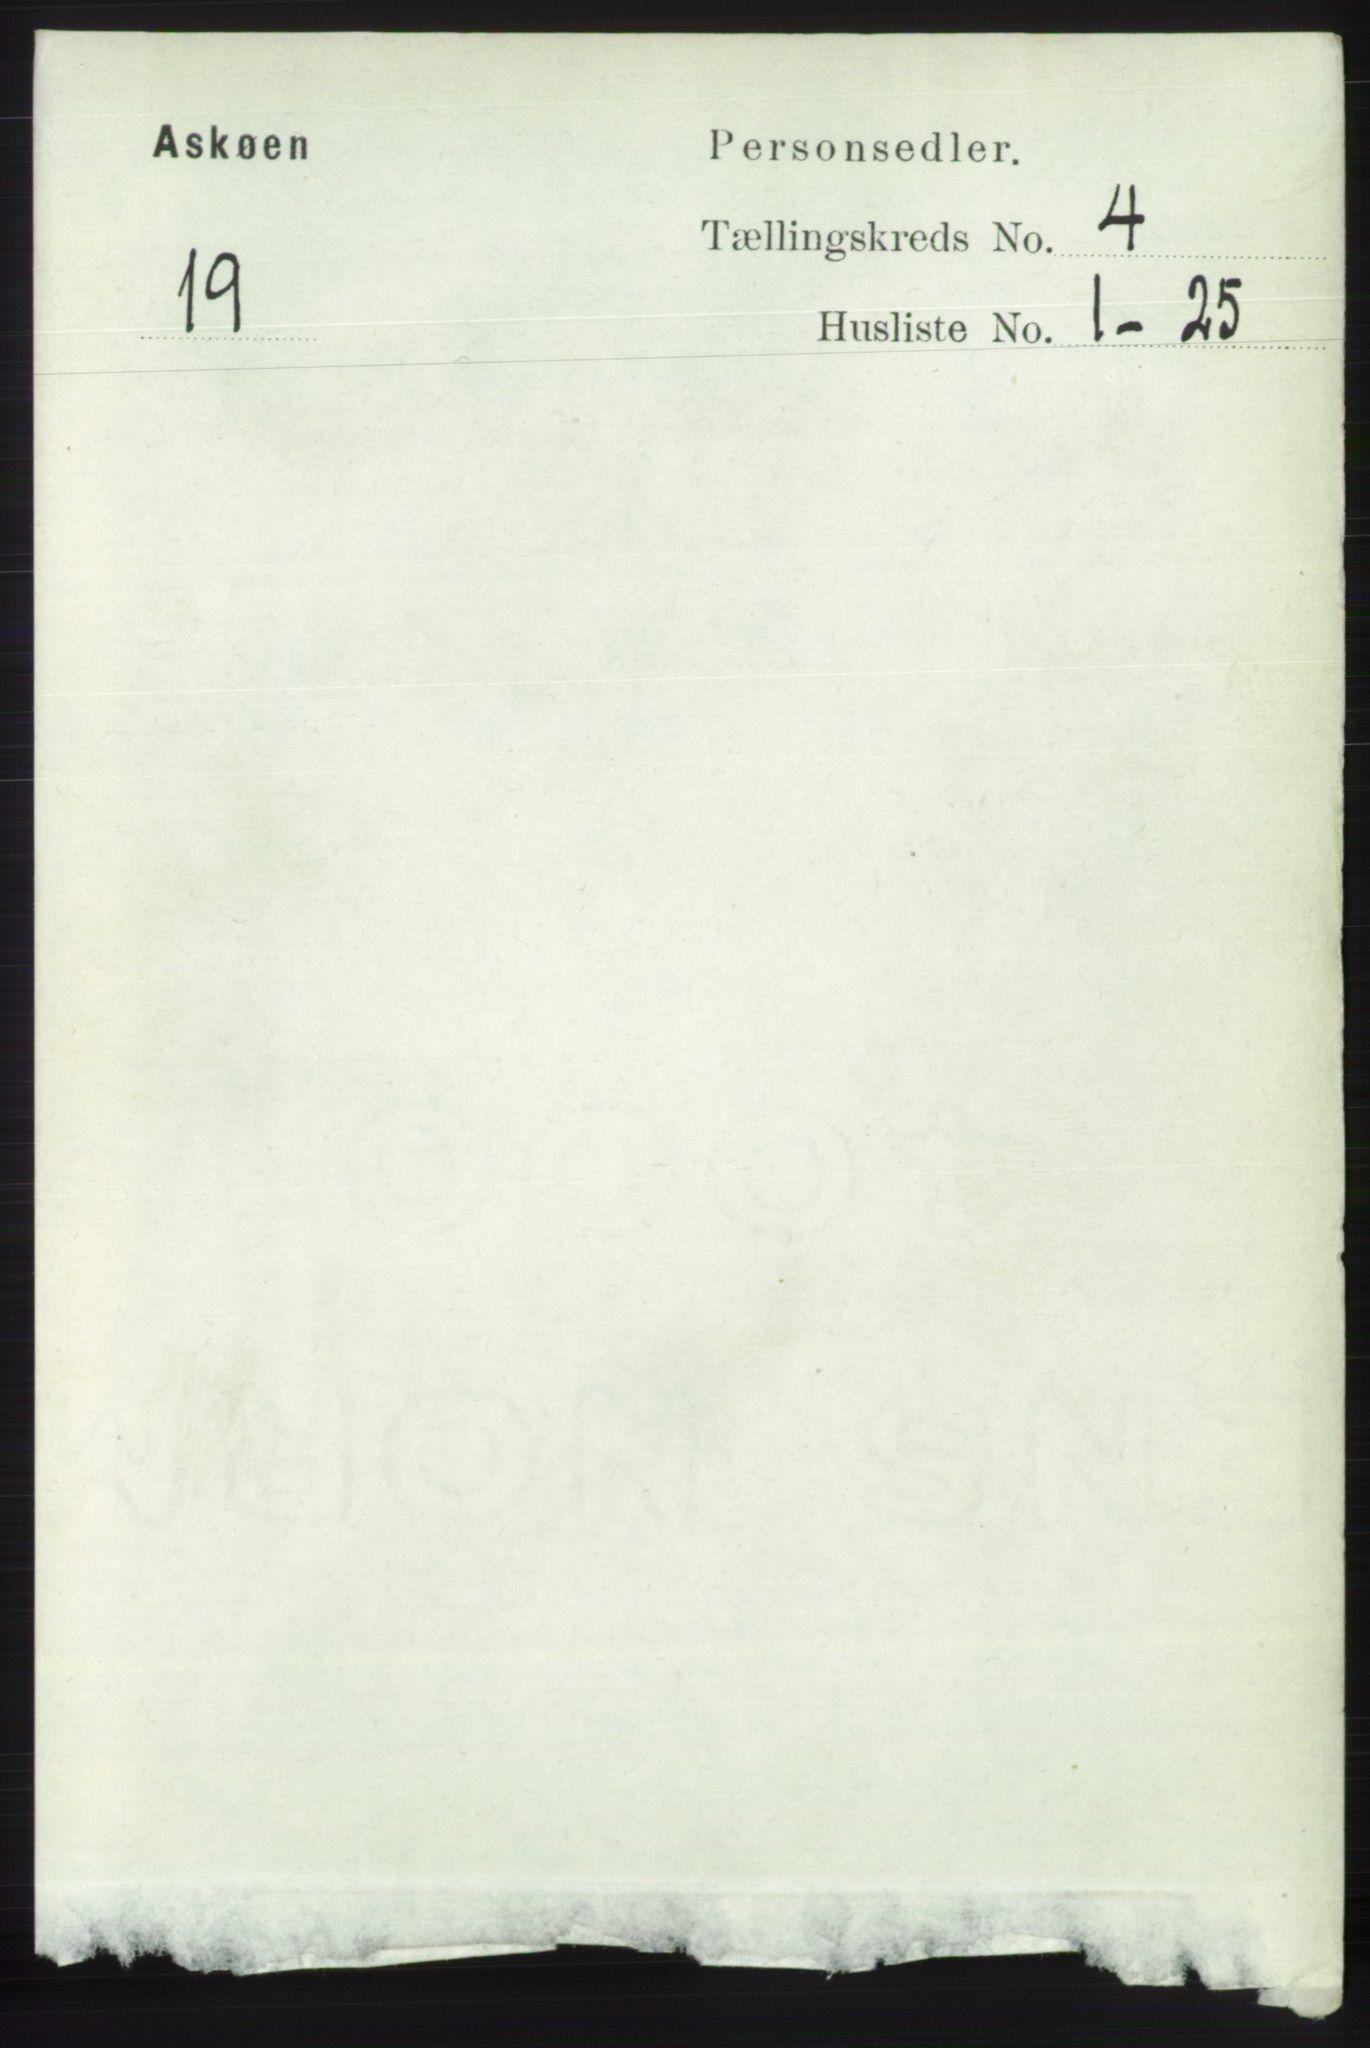 RA, Folketelling 1891 for 1247 Askøy herred, 1891, s. 2887